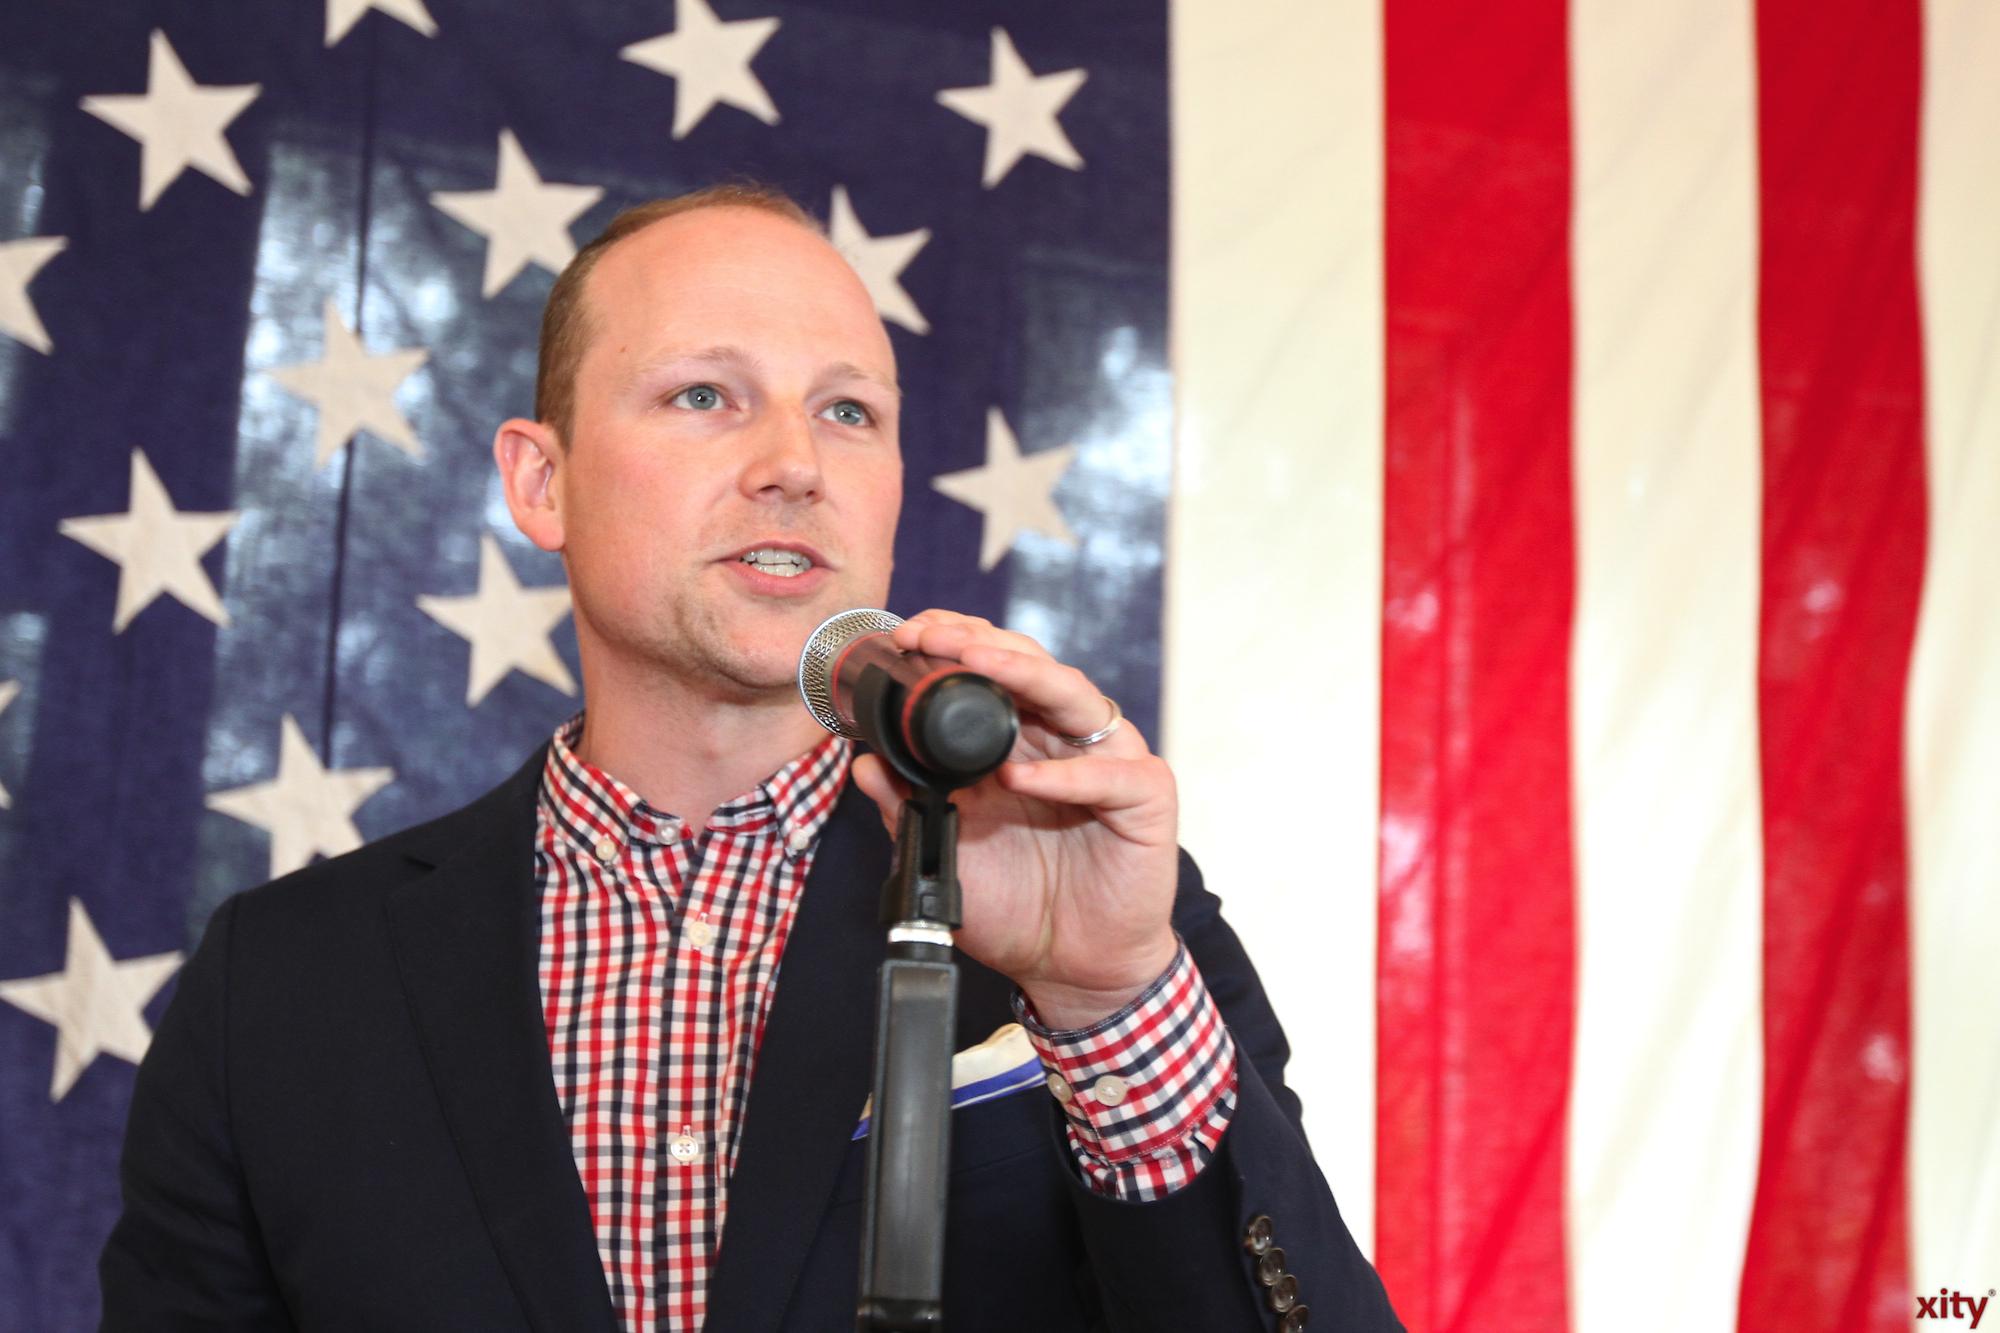 Derek Kelly, Vize-Konsul der Vereinigten Staaten von Amerika in Düsseldorf (Foto: xity)